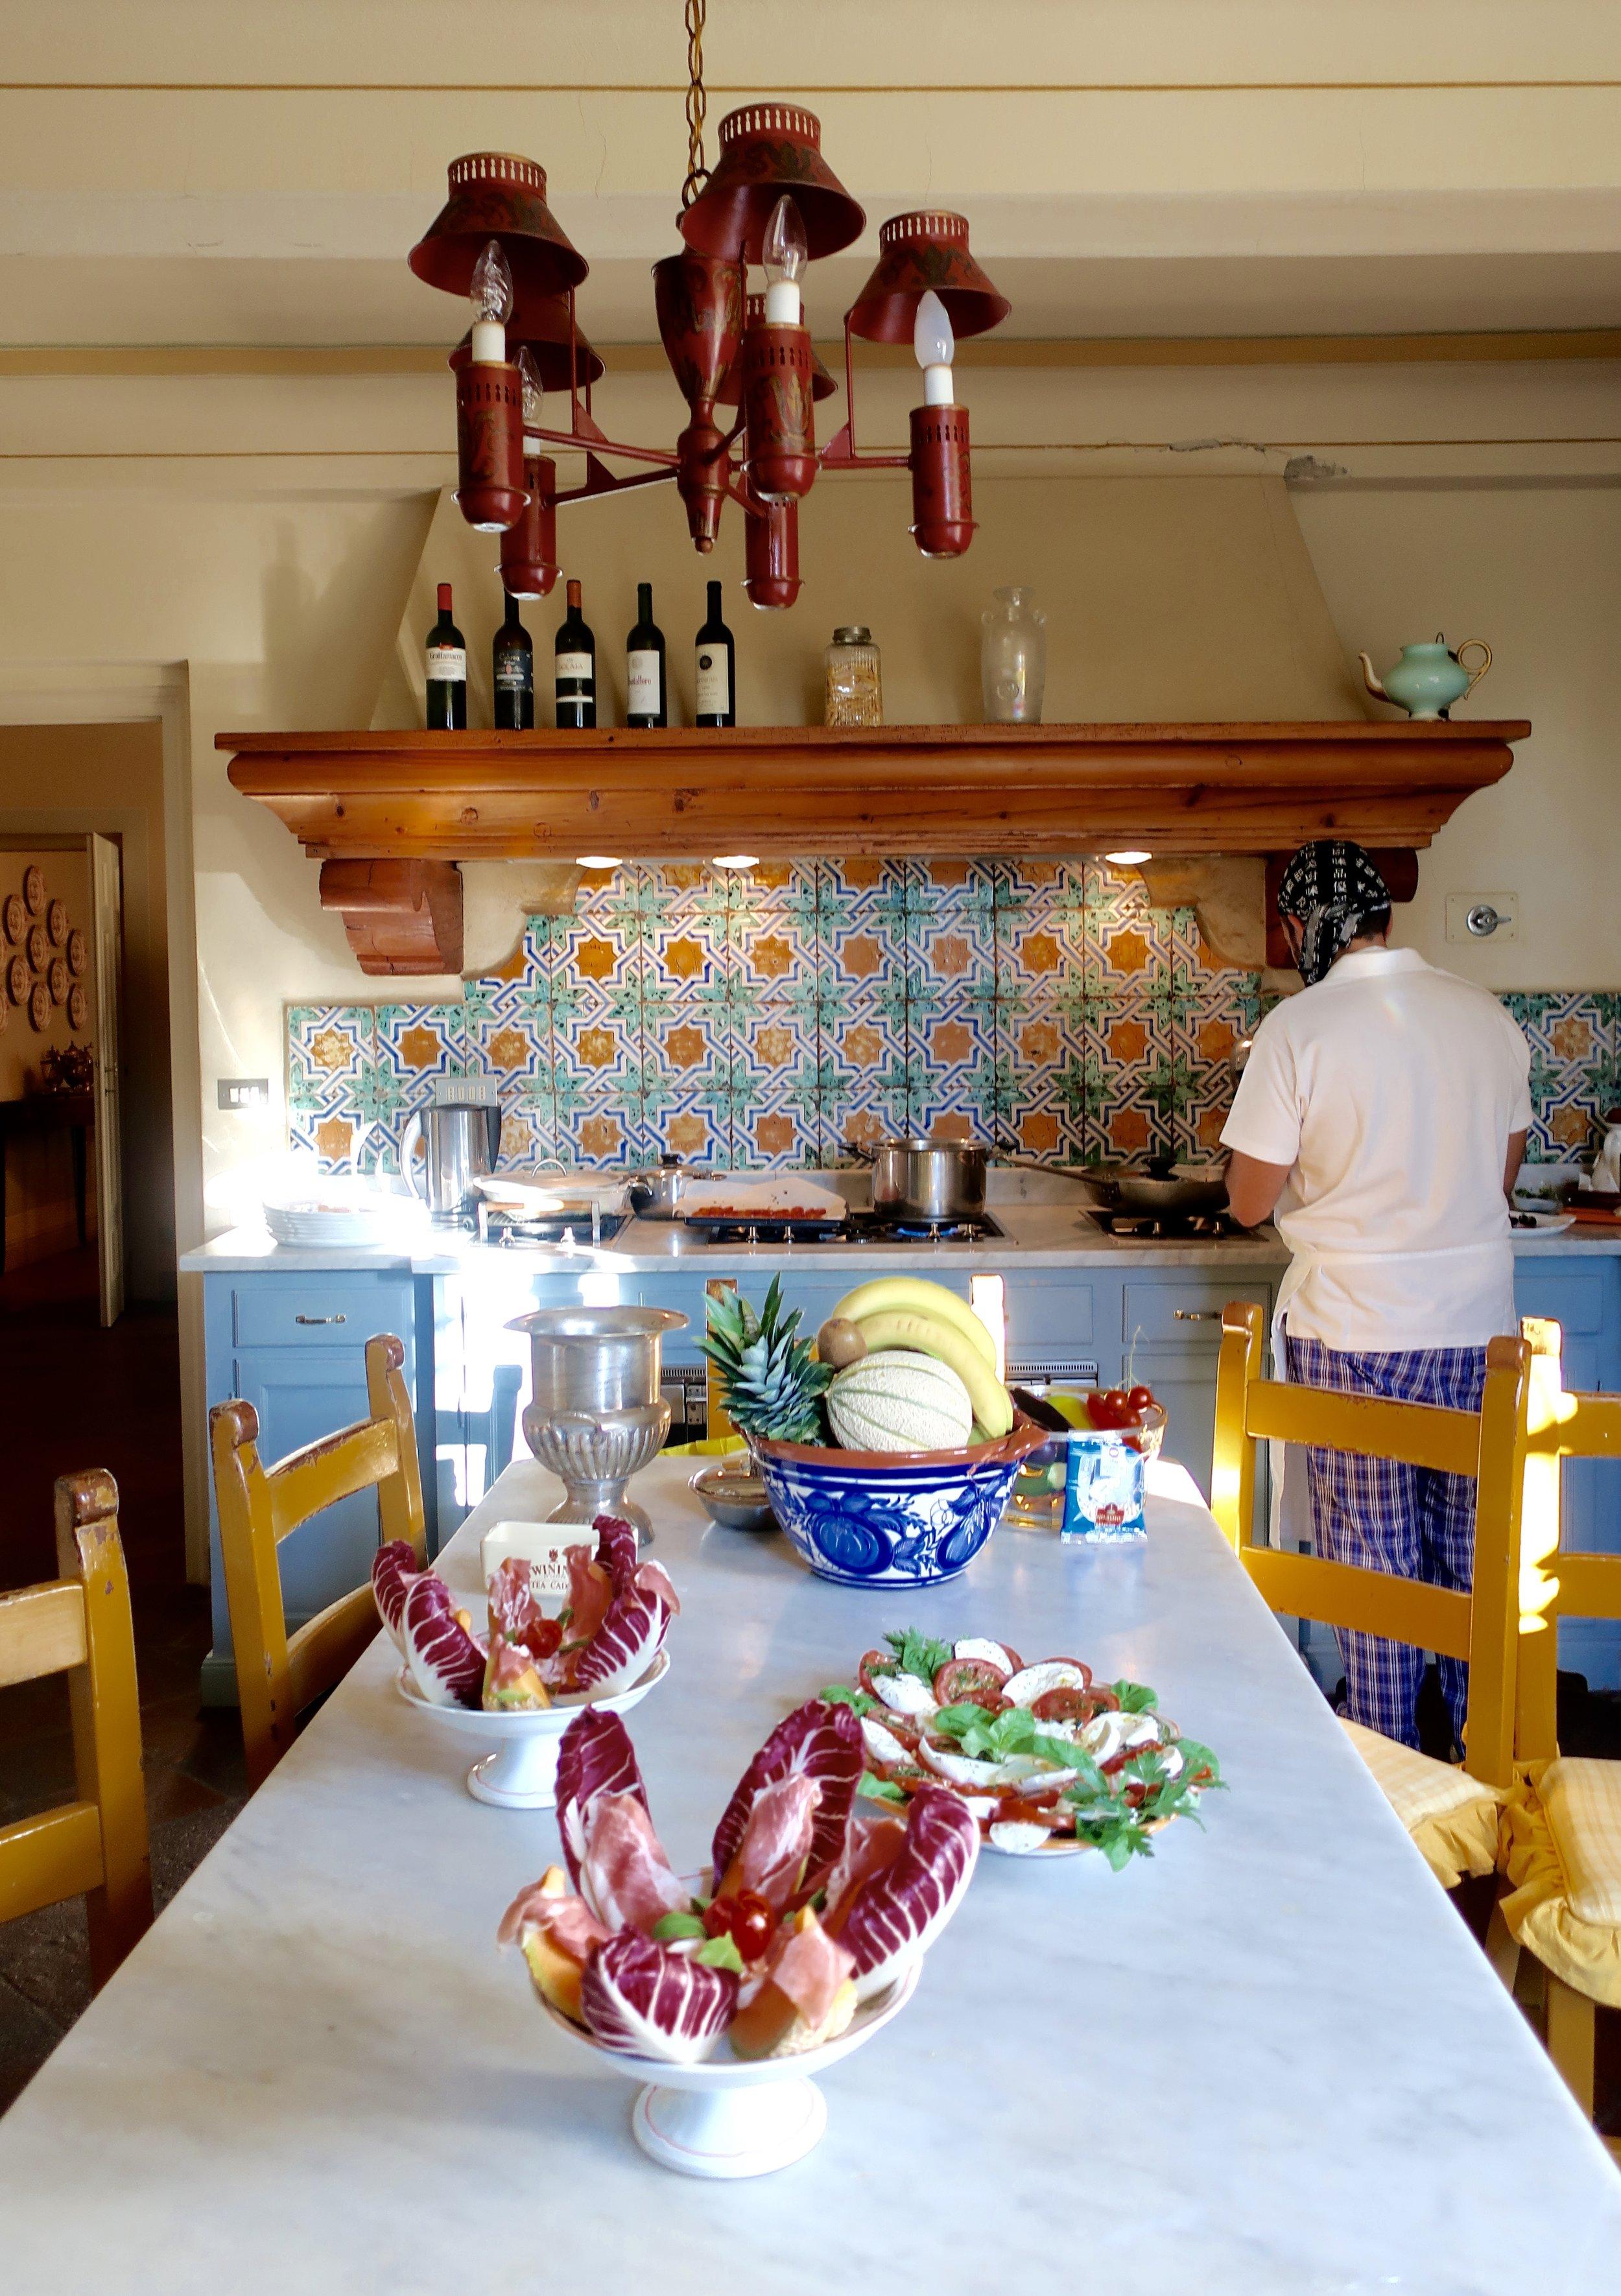 italian chef's kitchen